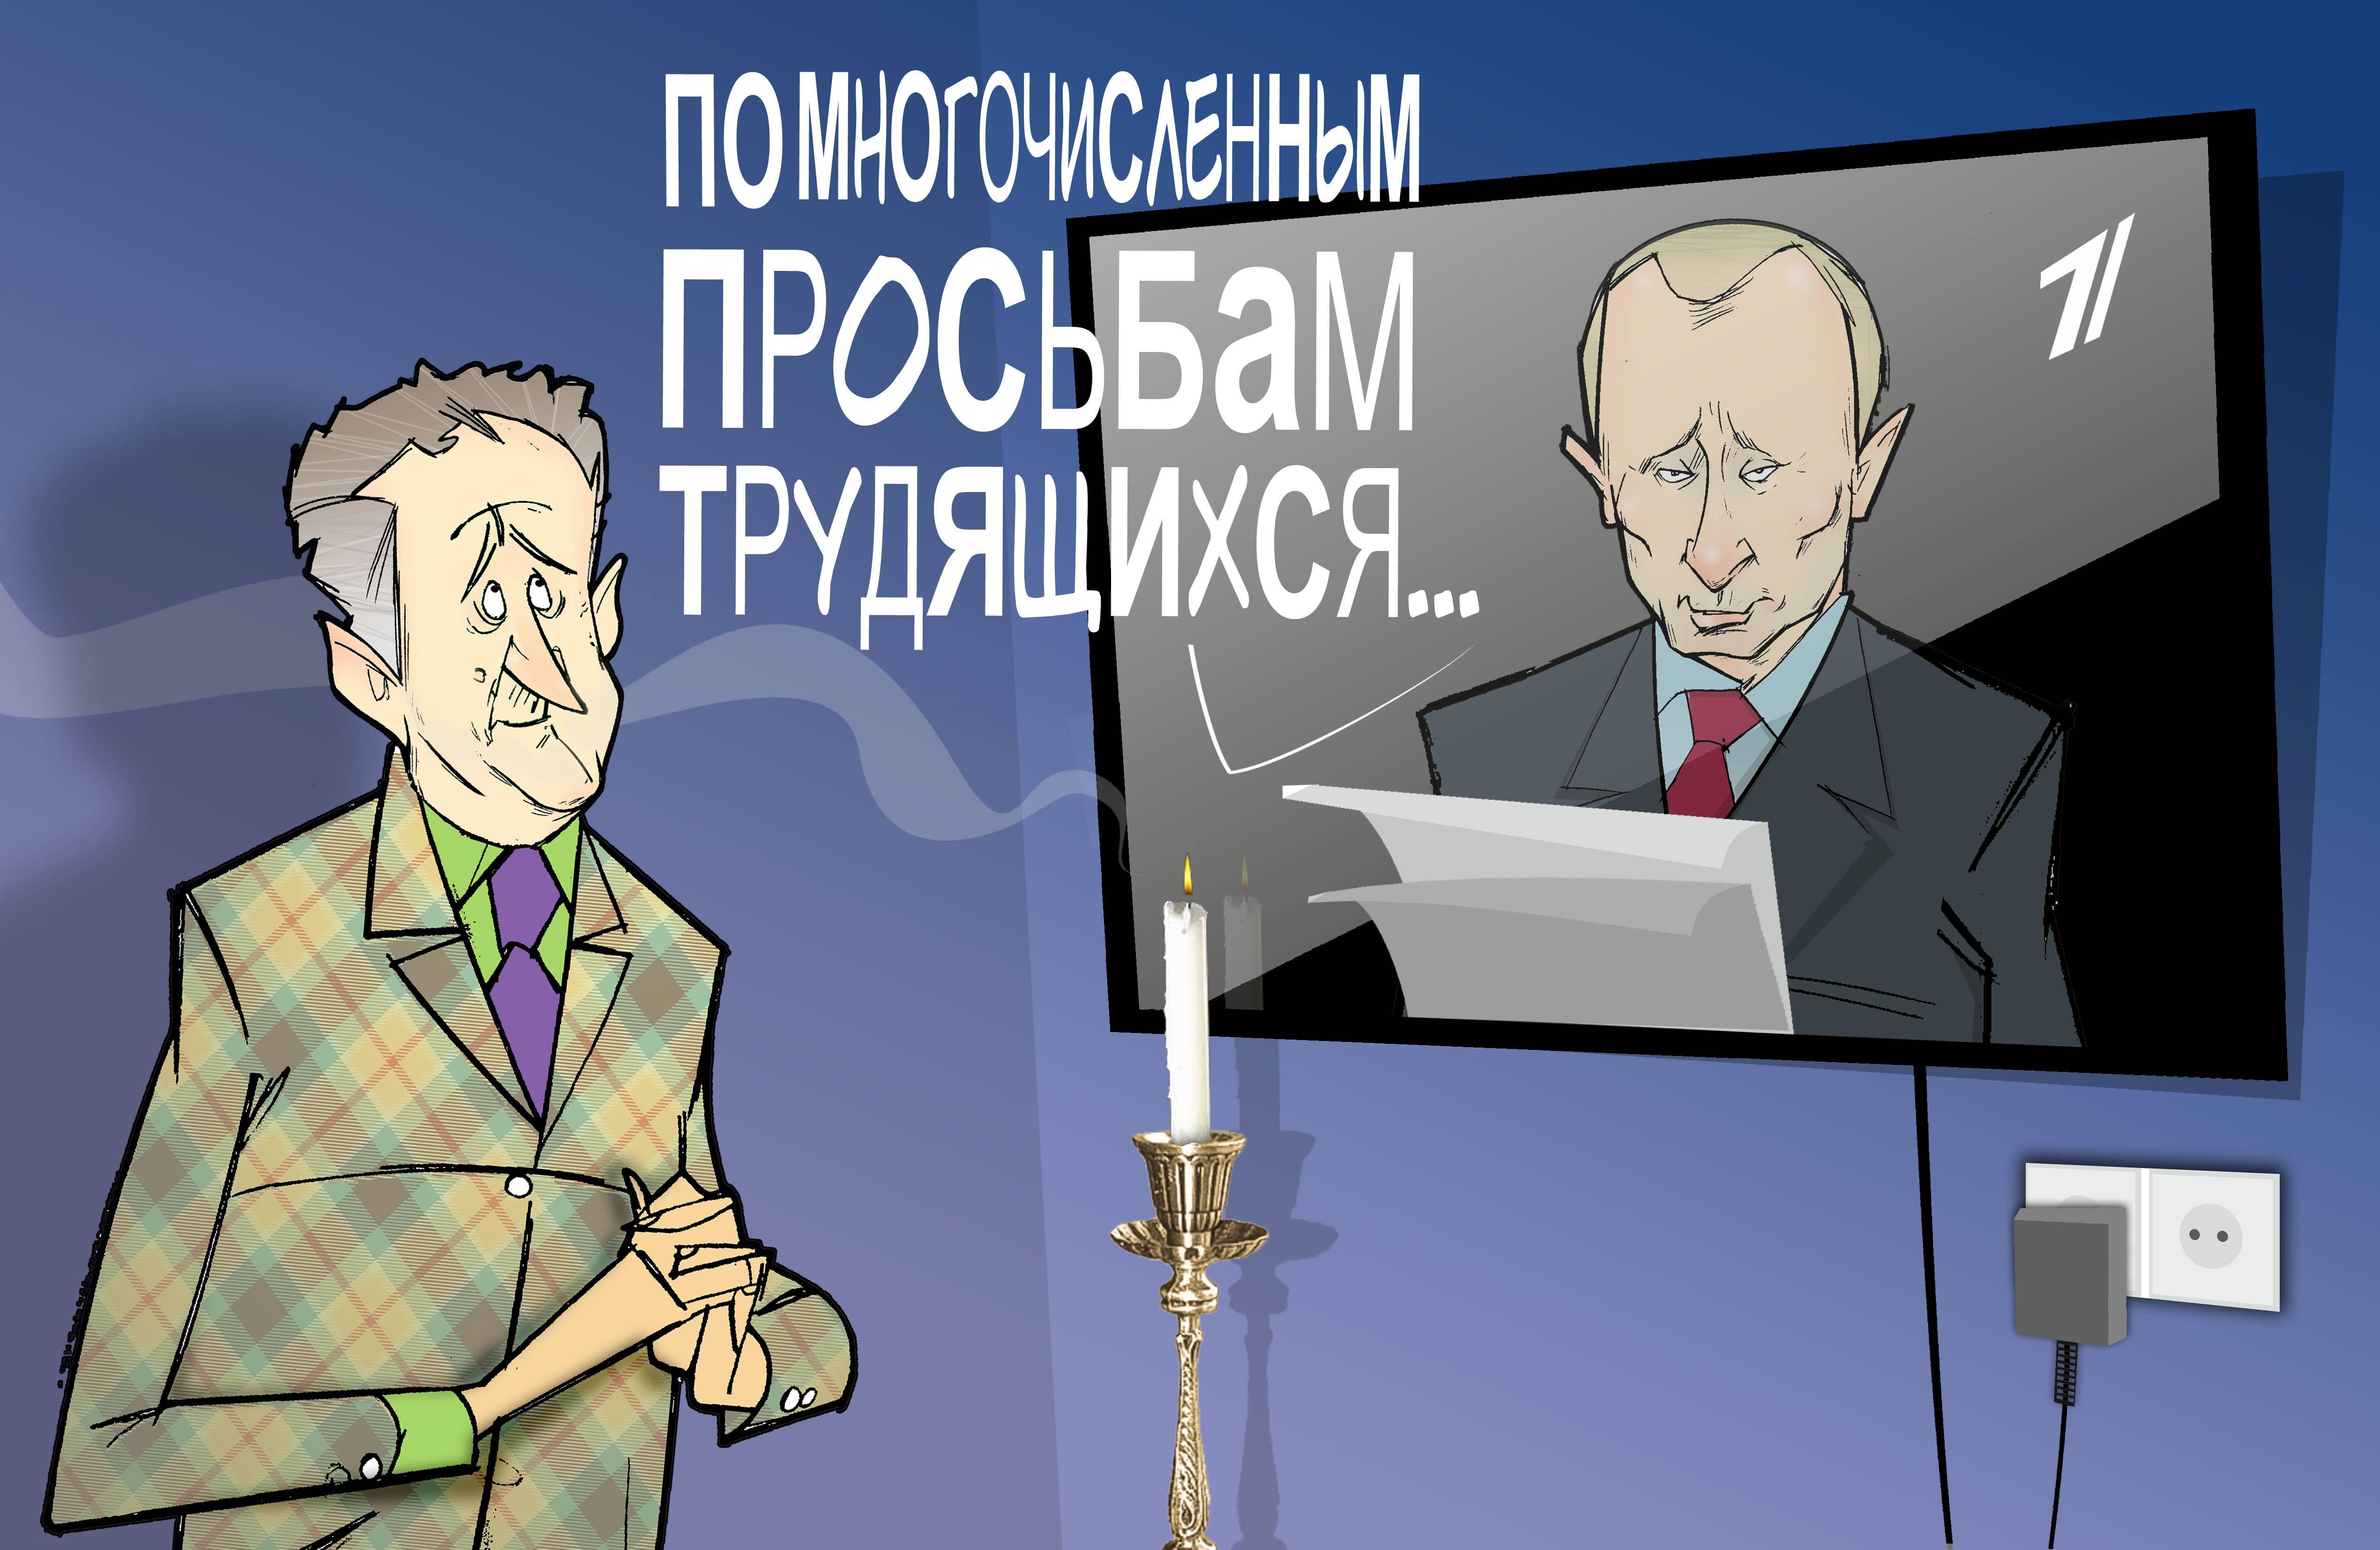 """О! Врио, Врио... #Указ #Путин #ПрезидентУР #Волков © Газета """"День"""" 2014"""